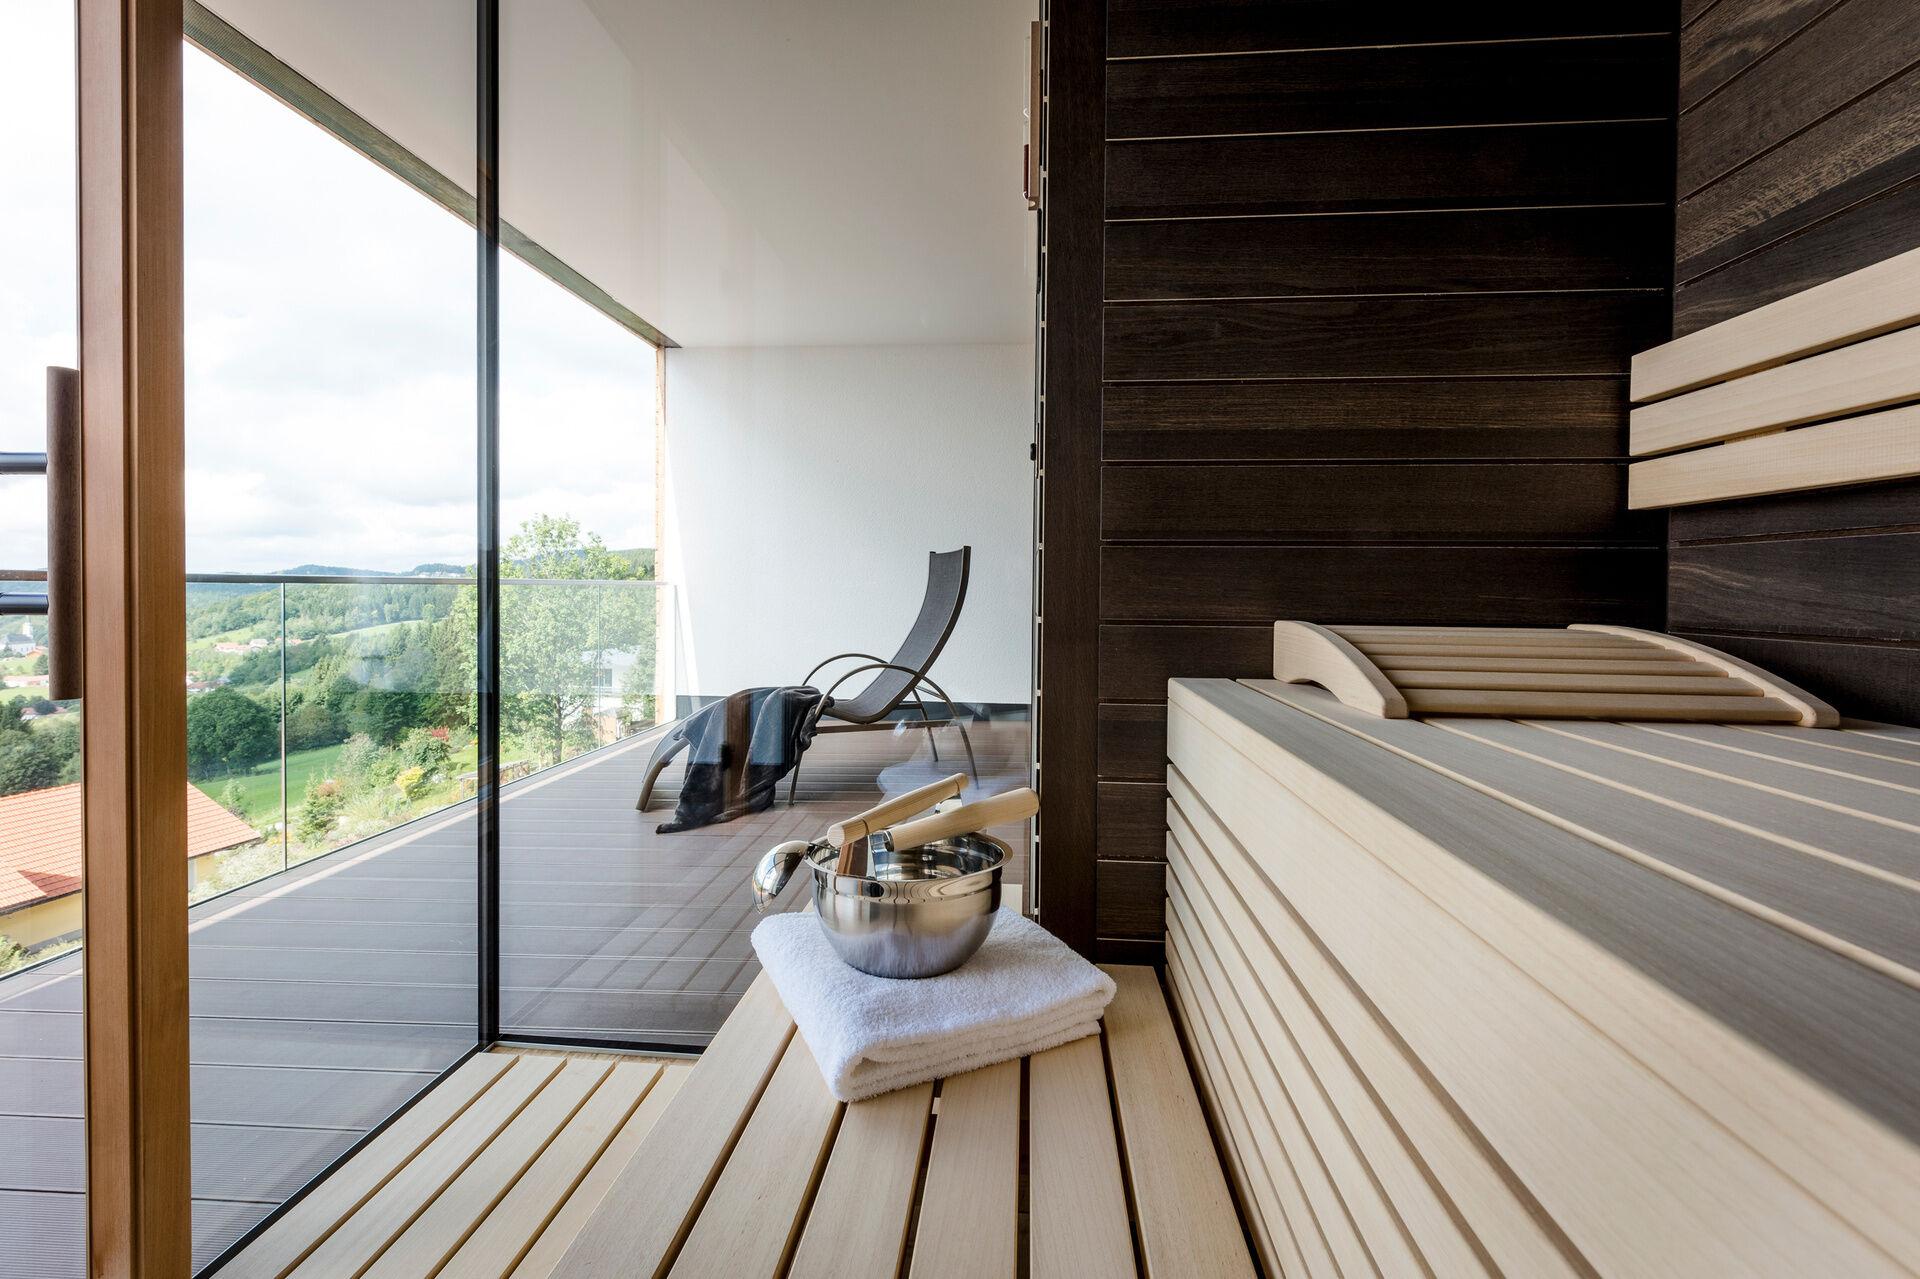 wellness f r zwei mit whirlpool im zimmer wellnesshotel bayern im bayerischen wald. Black Bedroom Furniture Sets. Home Design Ideas